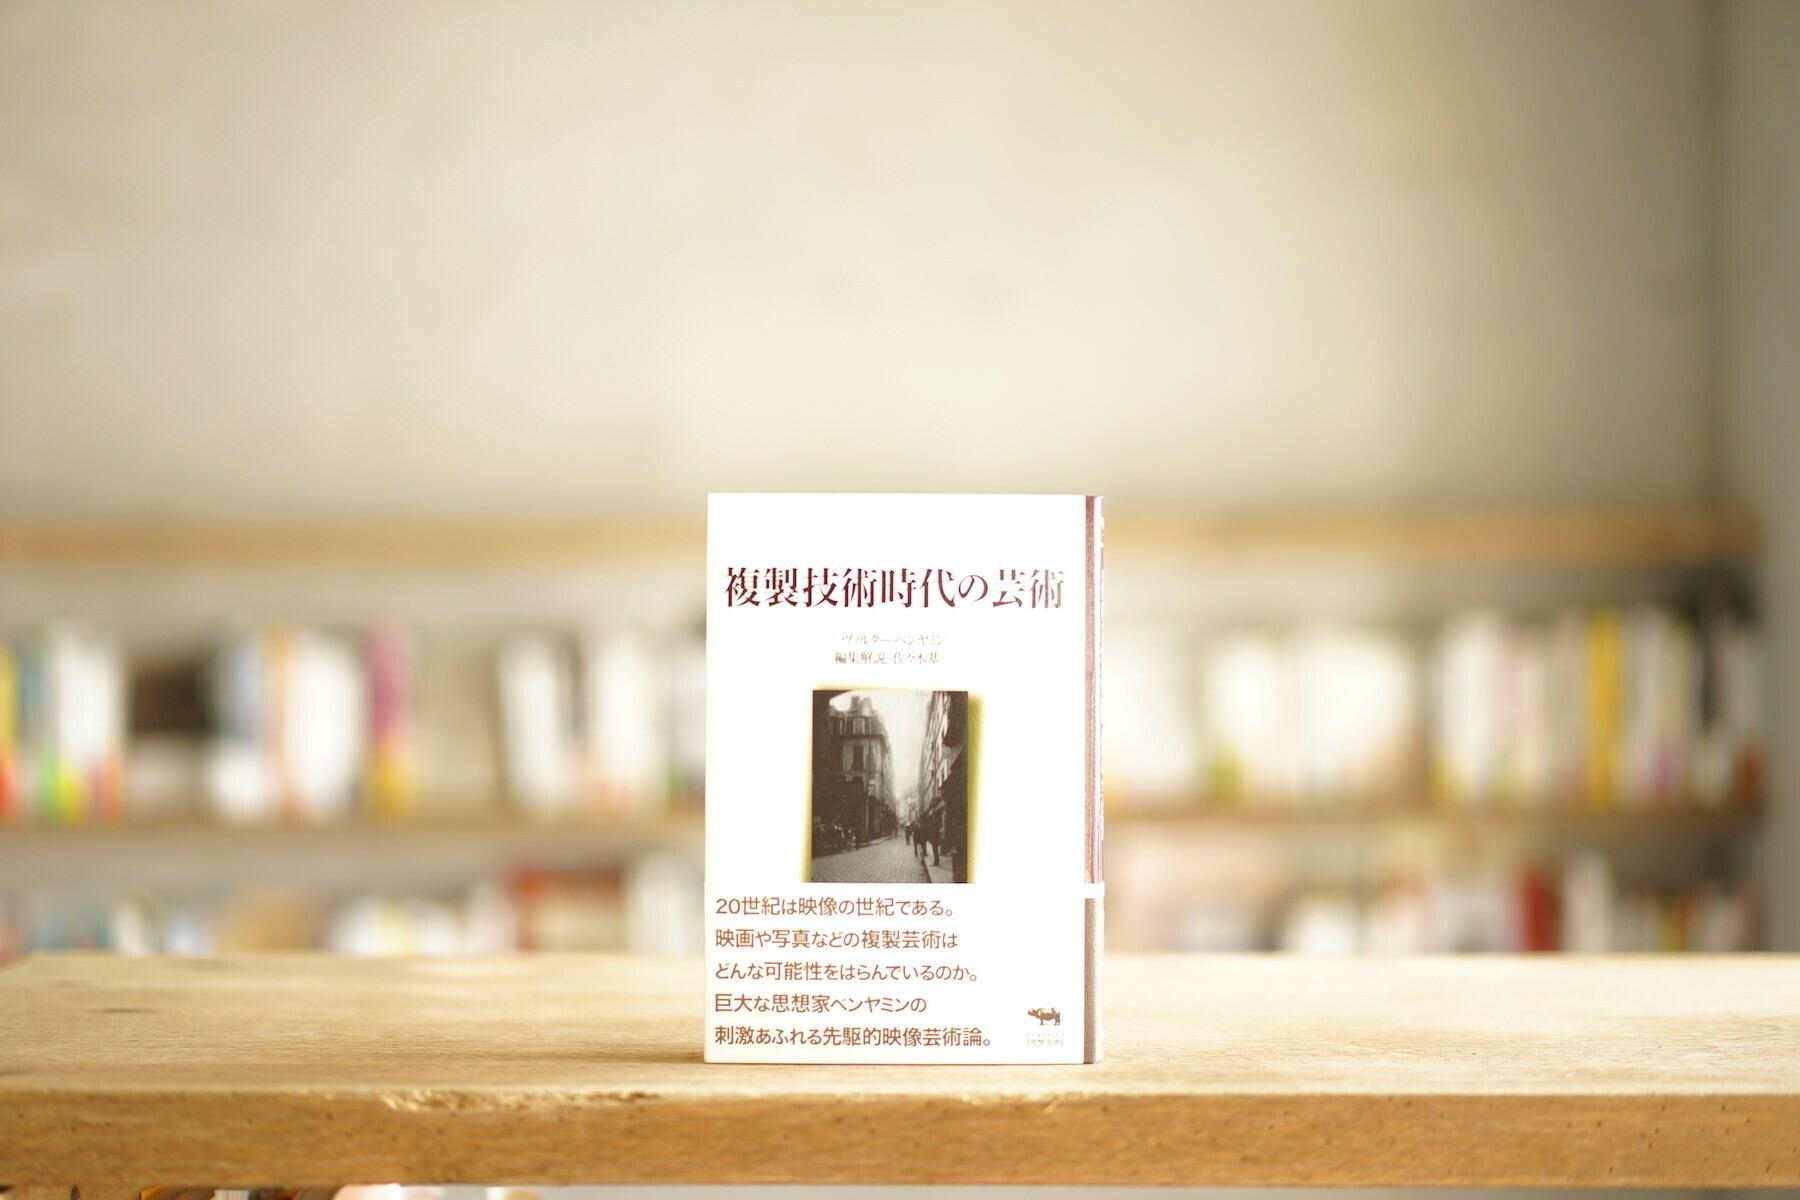 ヴァルター・ベンヤミン 編集解説:佐々木基一 『複製技術時代の芸術』 (晶文社、1999)